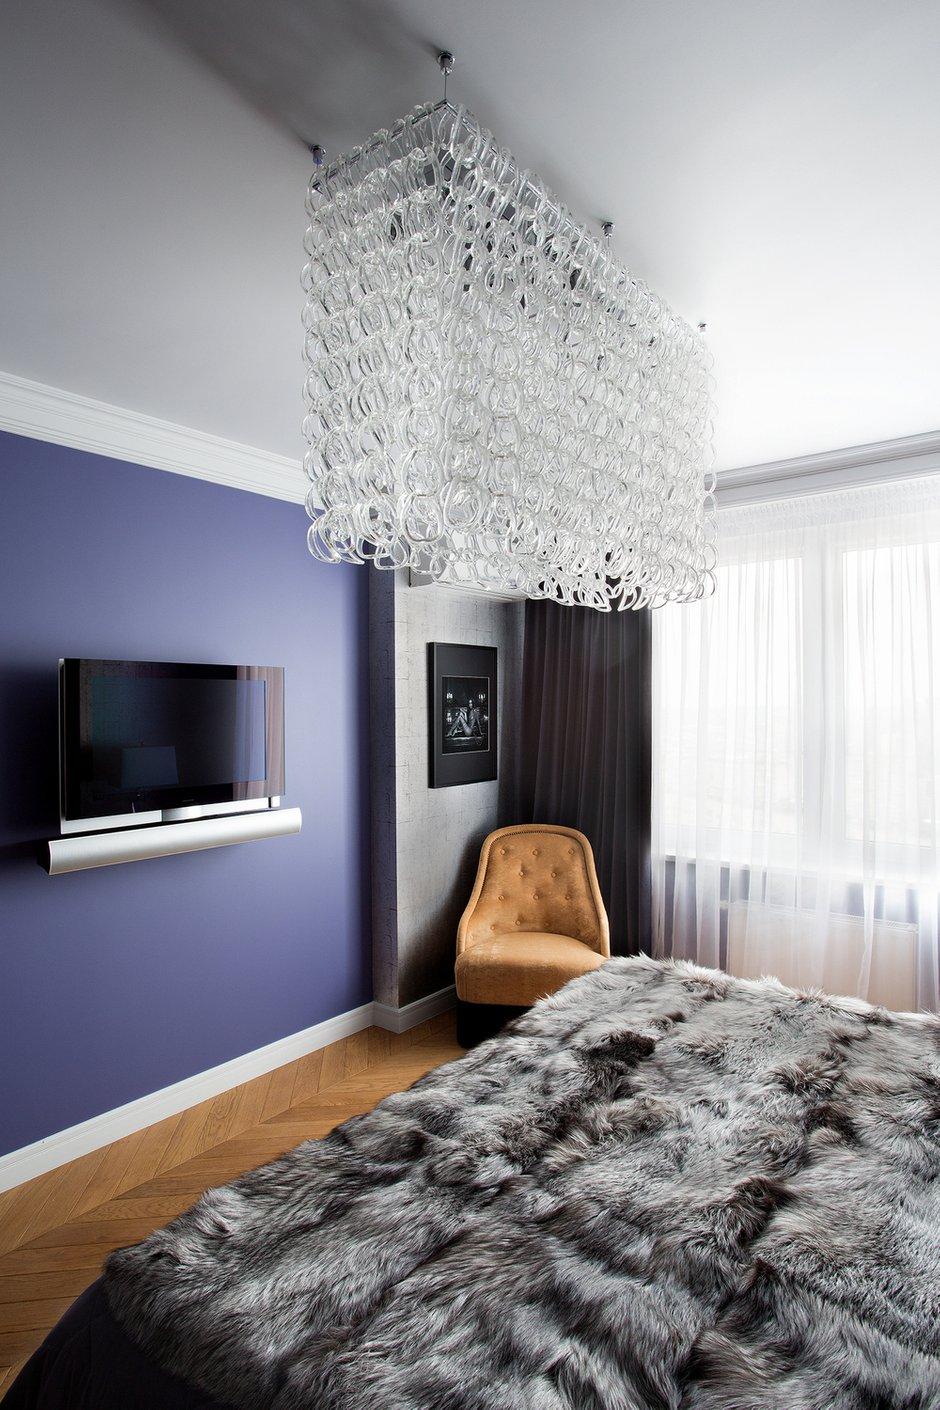 Фотография: Спальня в стиле Современный, Эклектика, Декор интерьера, Квартира, Christopher Guy, Flos, Дома и квартиры, B&B Italia – фото на InMyRoom.ru